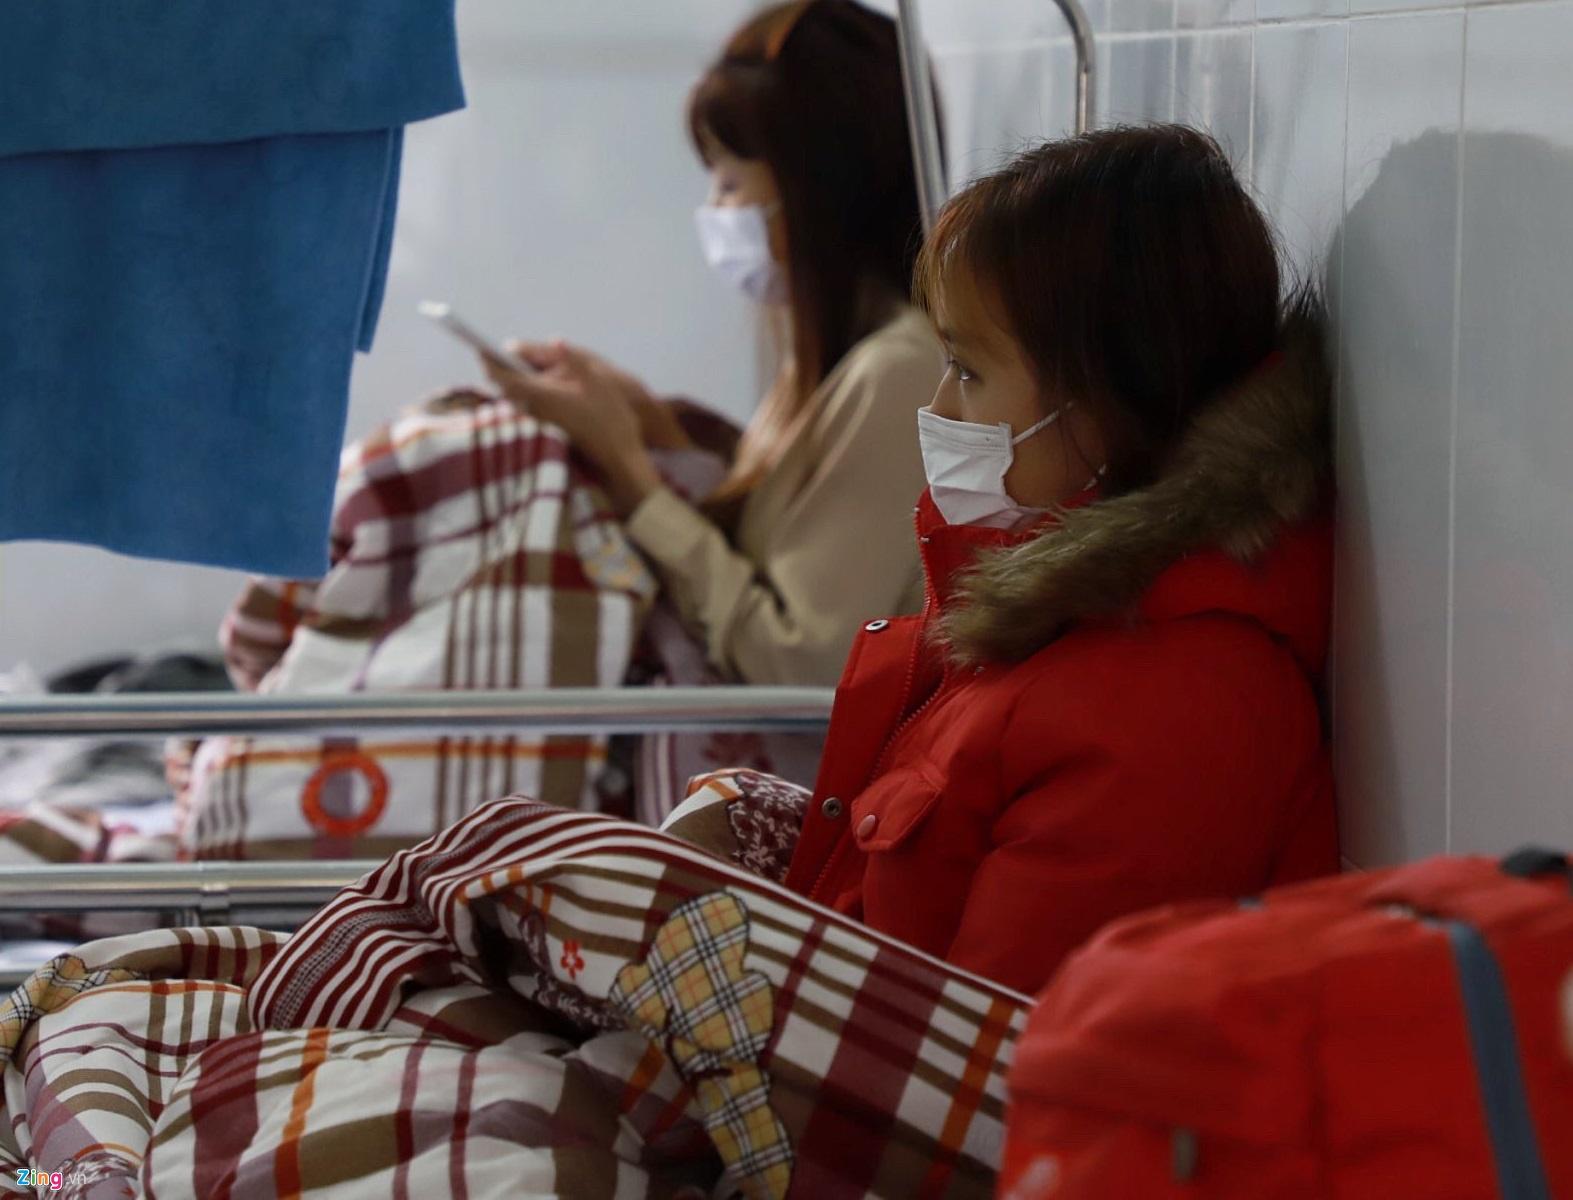 Bộ LĐTB&XH cho biết hiện có hơn 5.000 lao động người Trung Quốc đang cách ly, theo dõi tại Việt Nam. (Ảnh qua Zing)